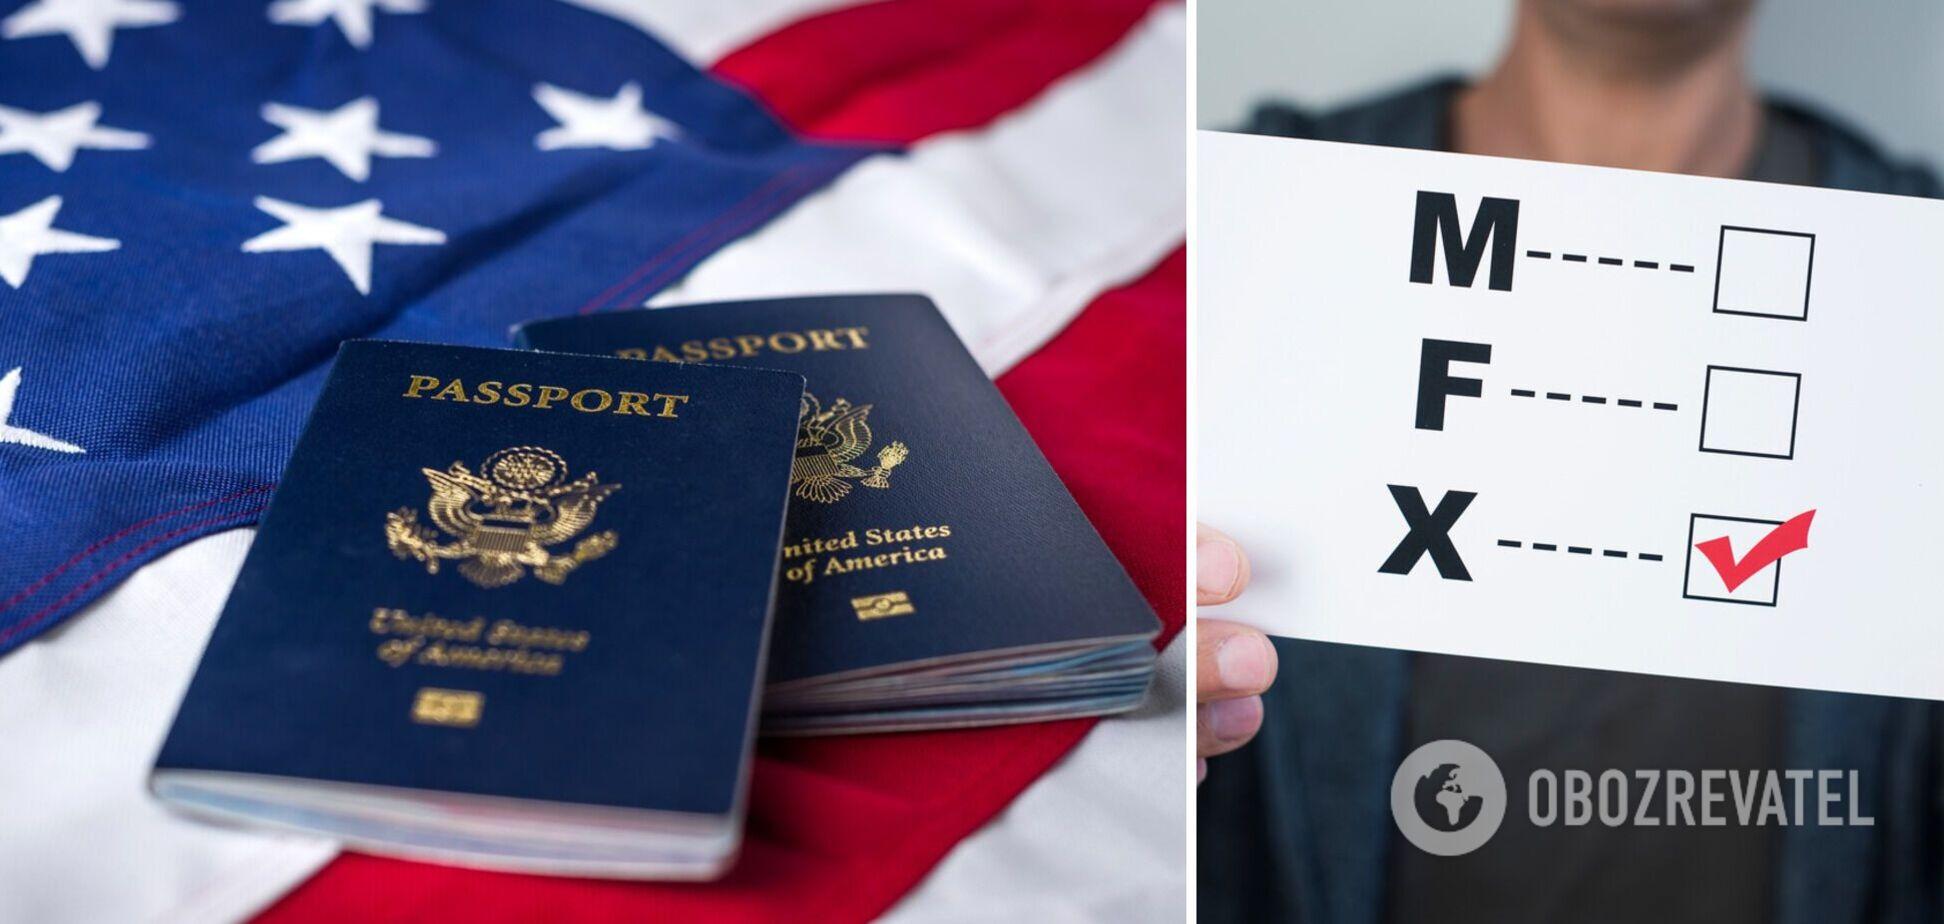 У США вперше видали паспорт із гендерною відміткою 'Х': що це означає